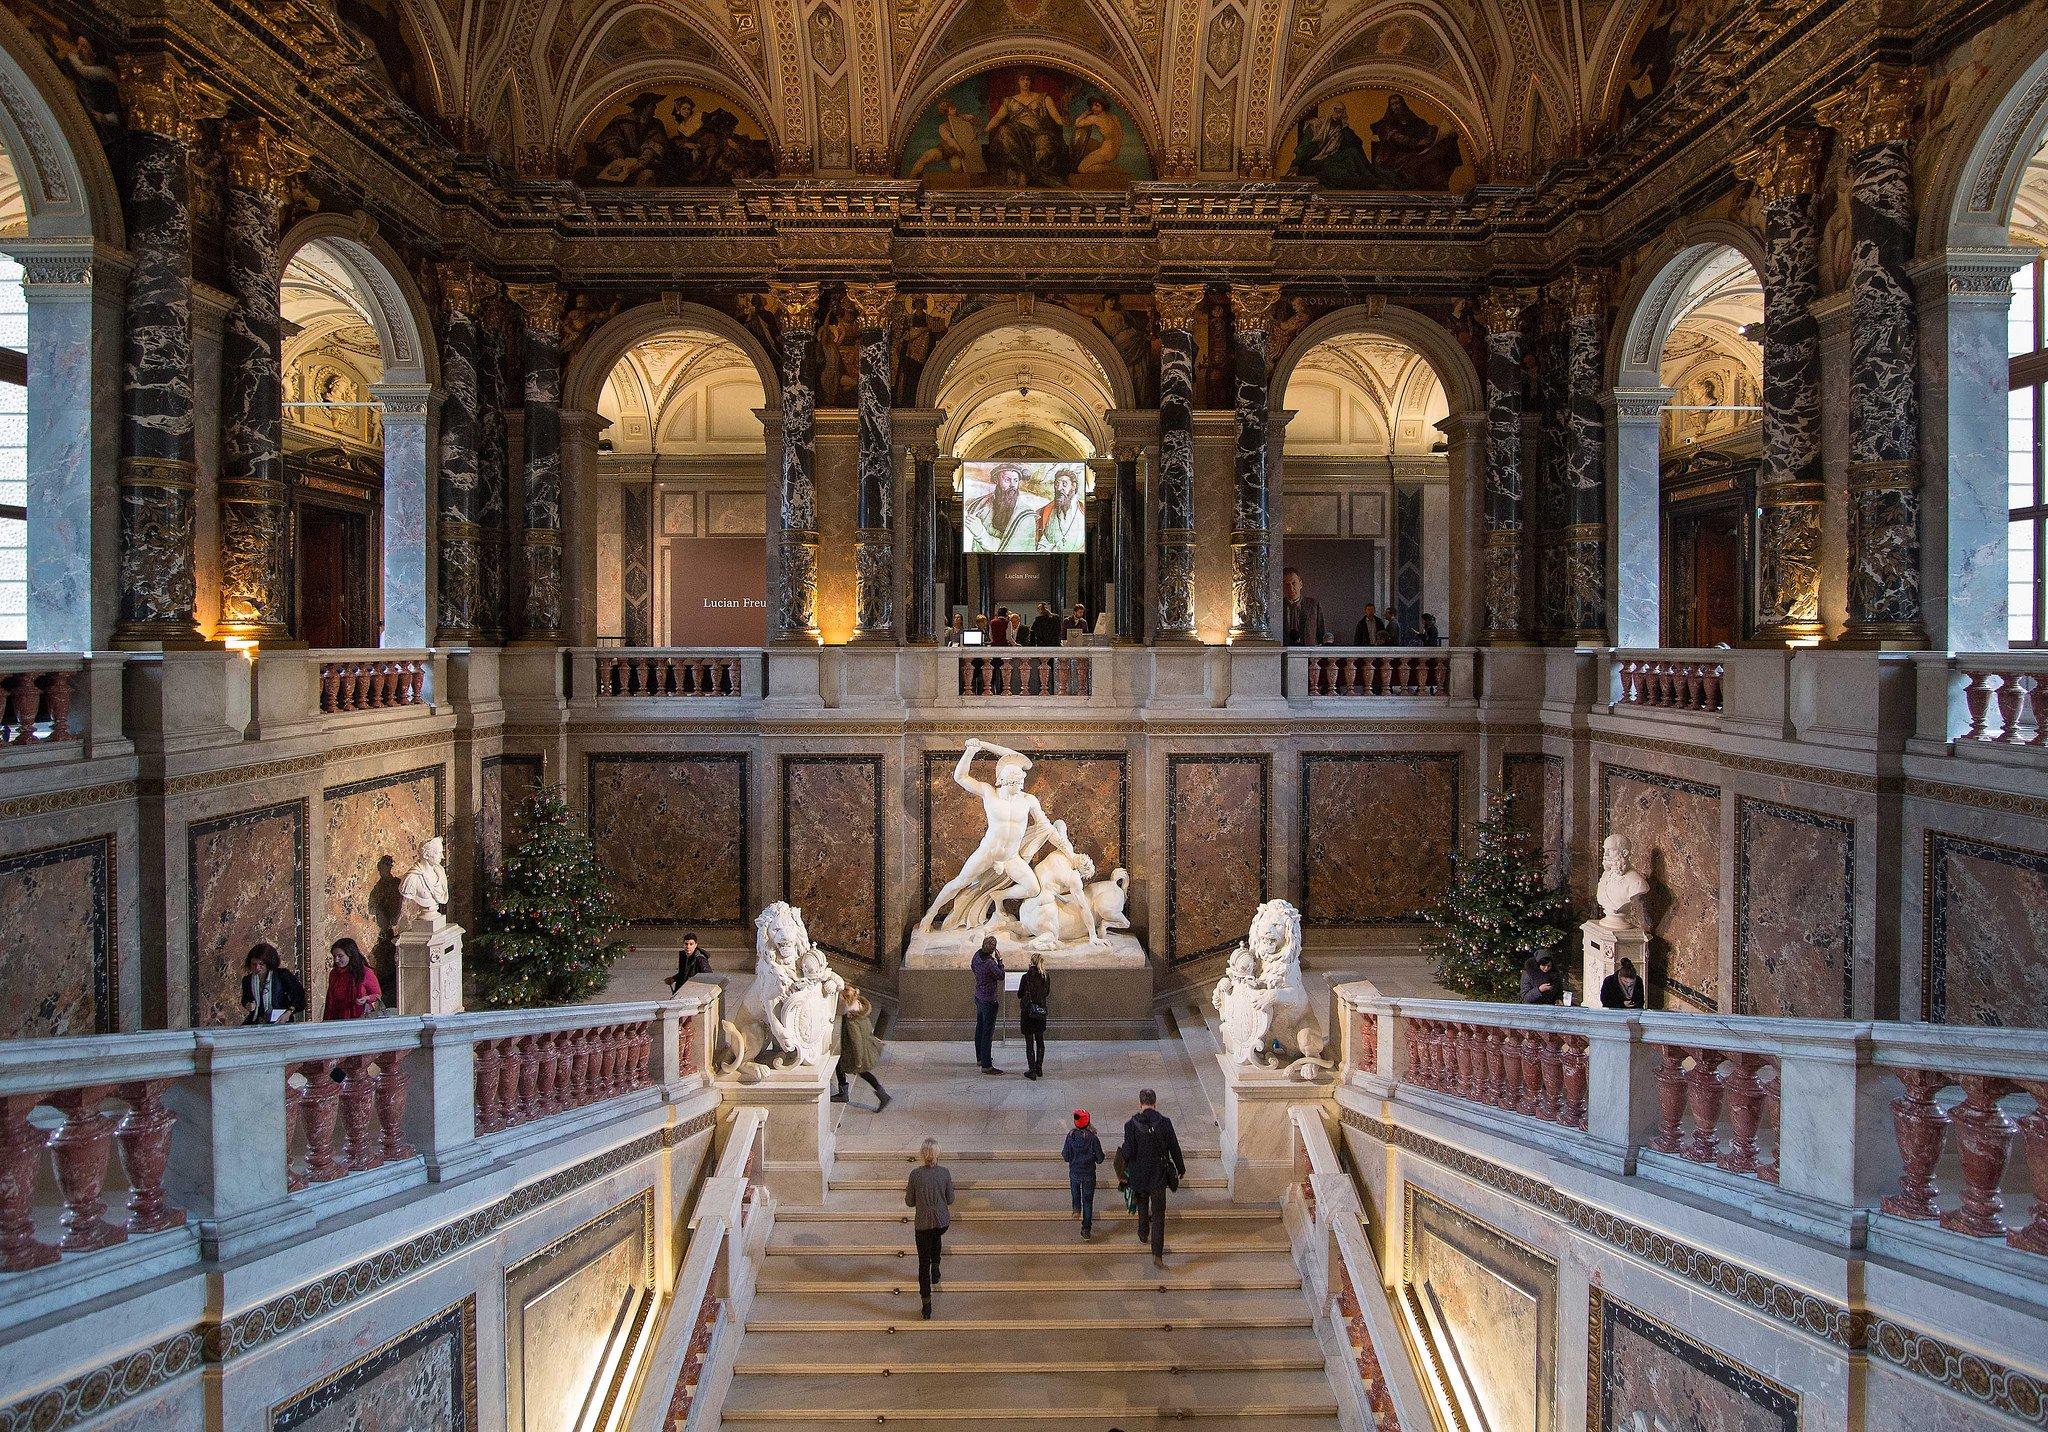 Музей истории искусств в Вене запустил украинский аудиогид в рамках инициативы Елены Зеленской